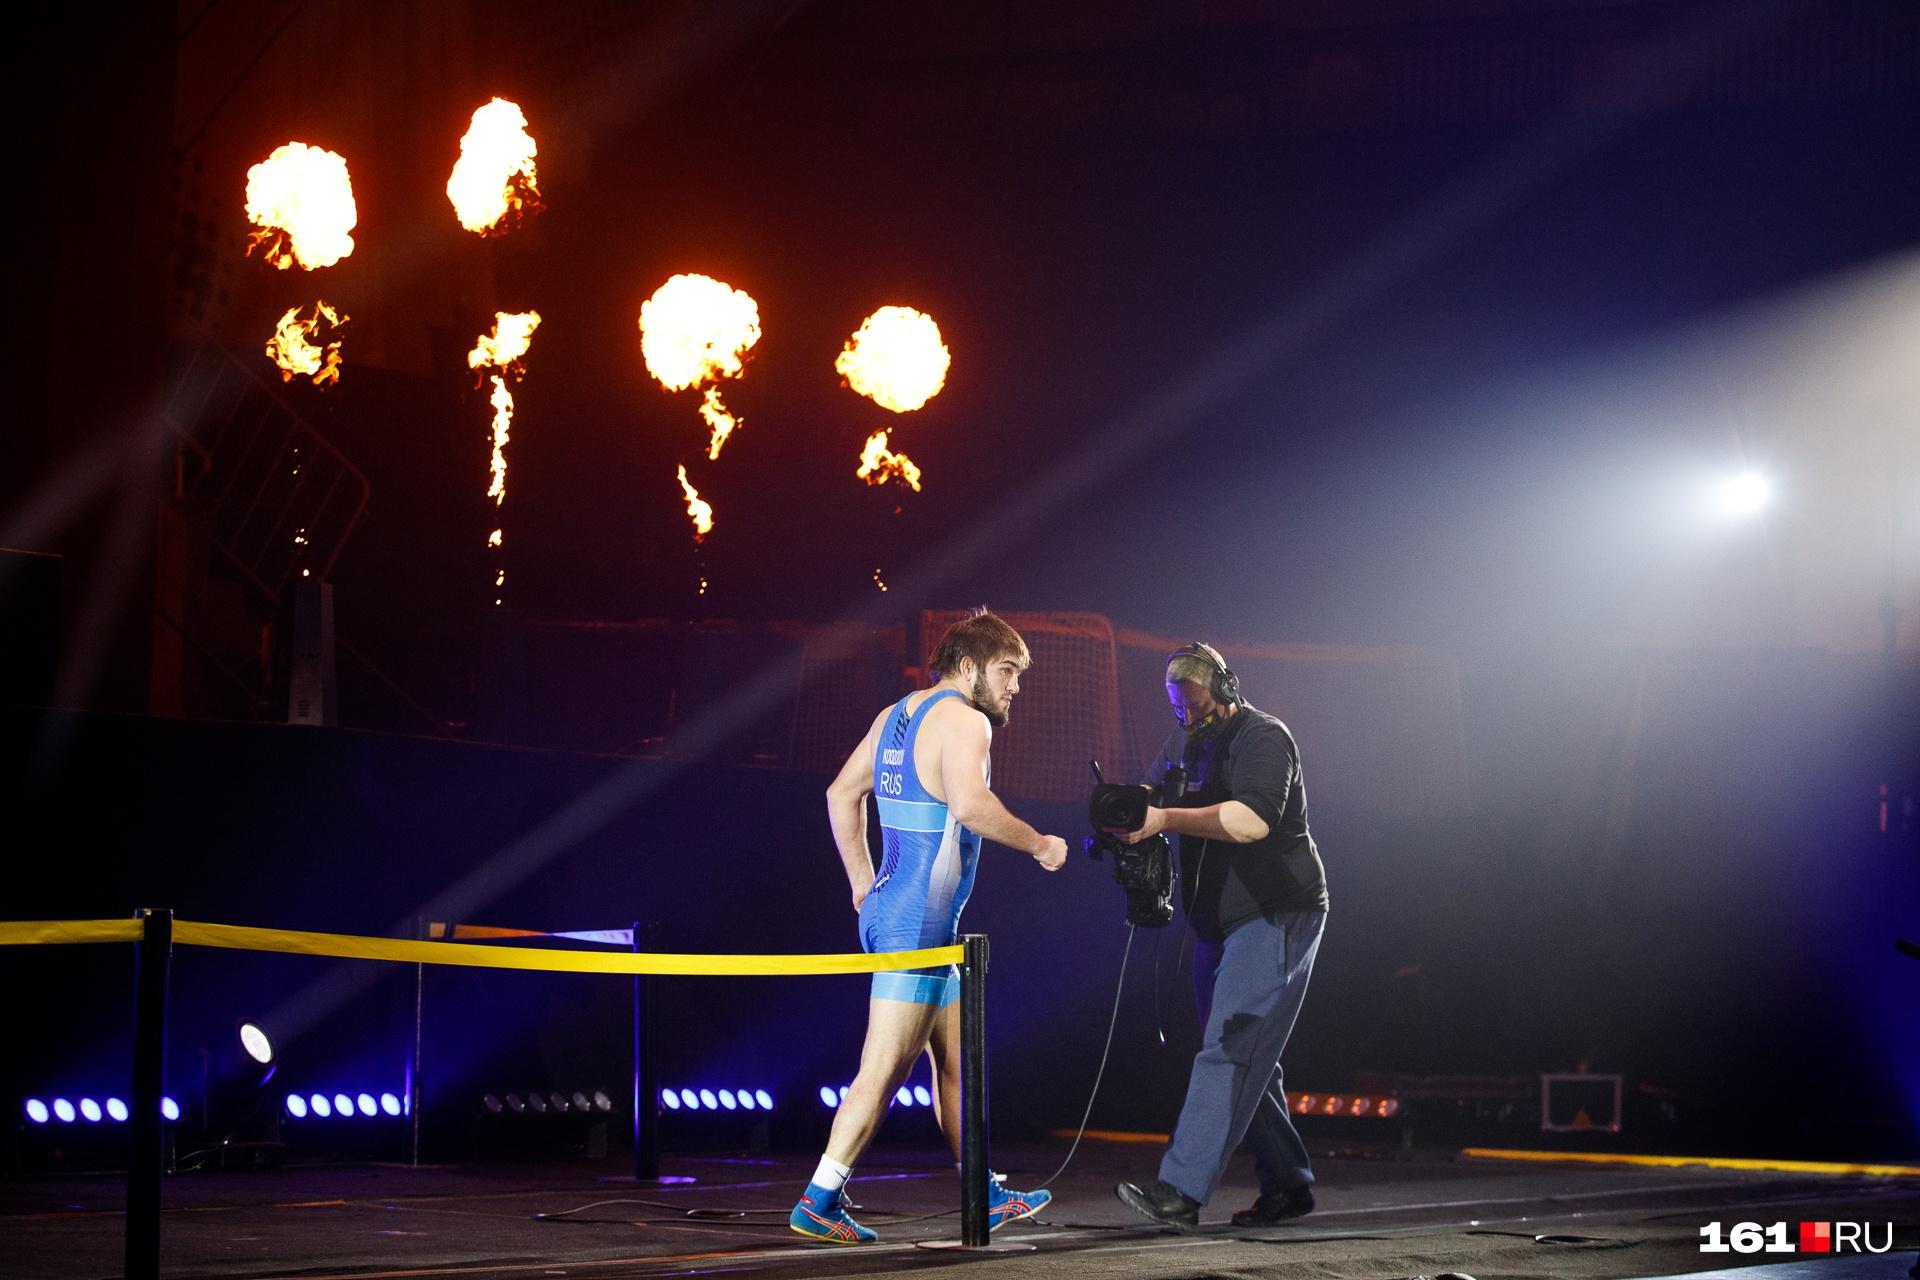 Спортсмены появлялись эффектно — под пламя огня